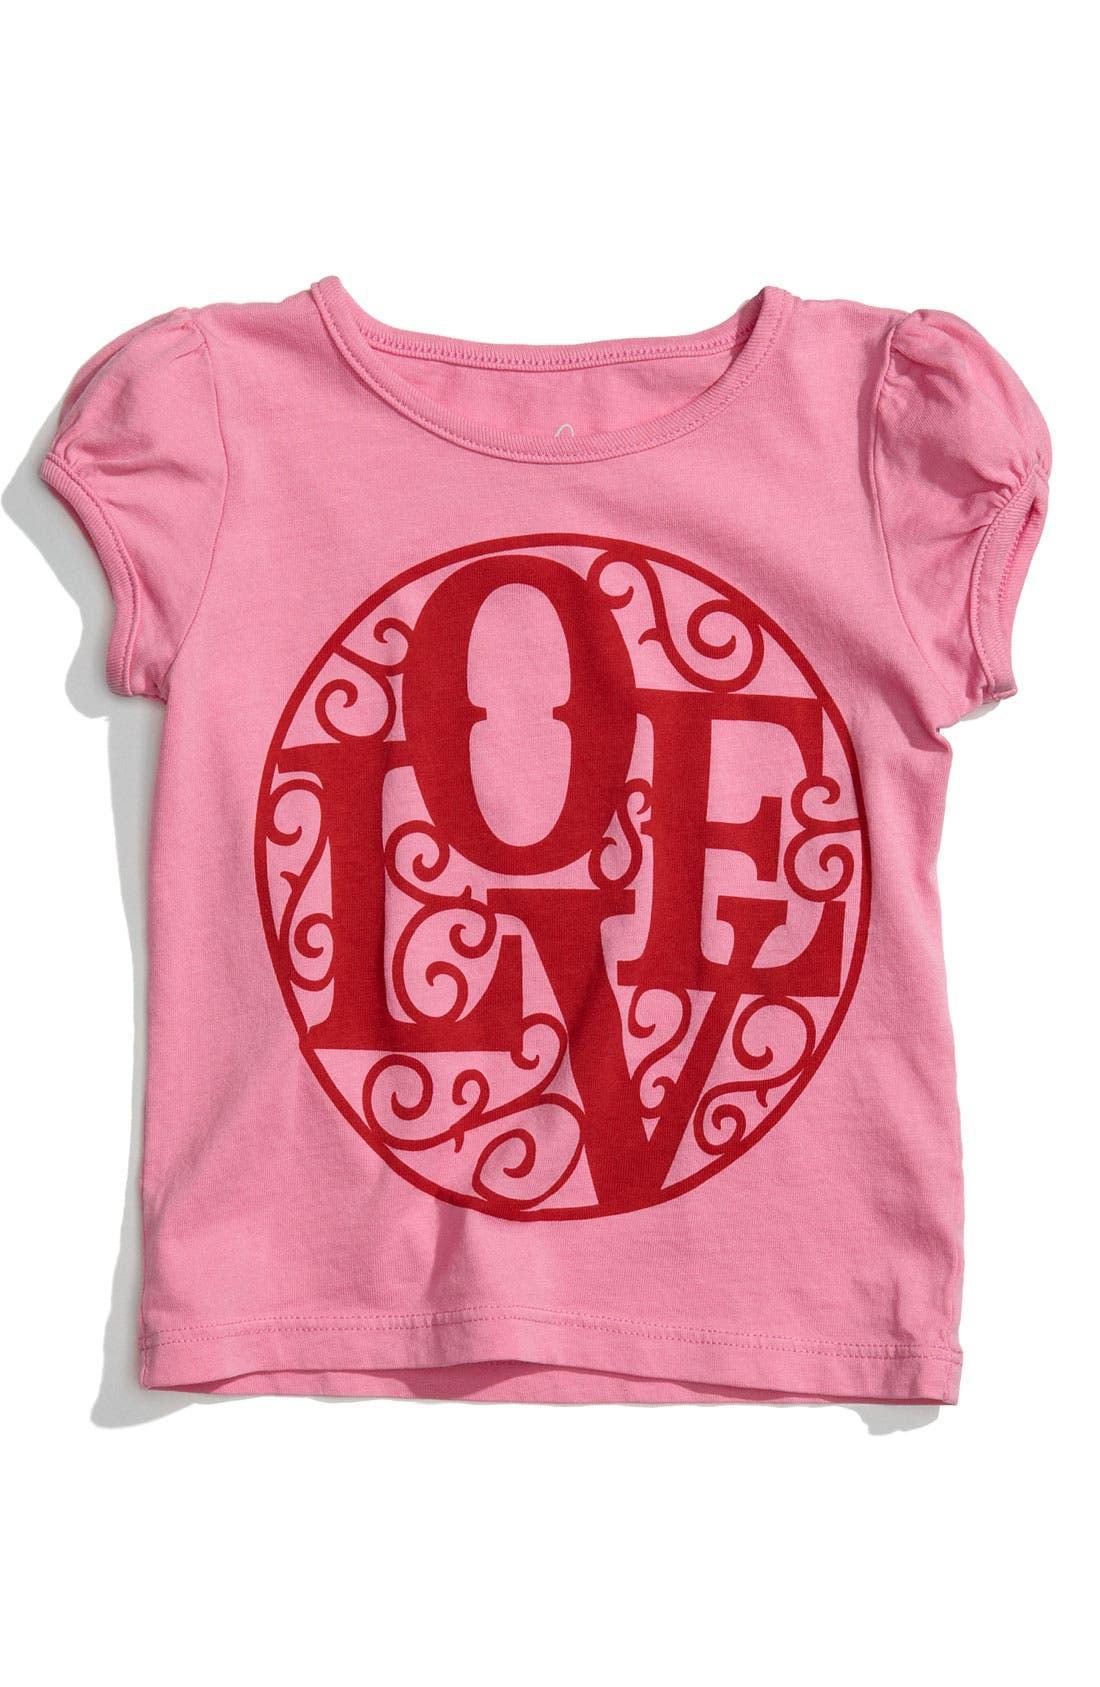 Alternate Image 1 Selected - Peek 'Love' Tee (Infant)